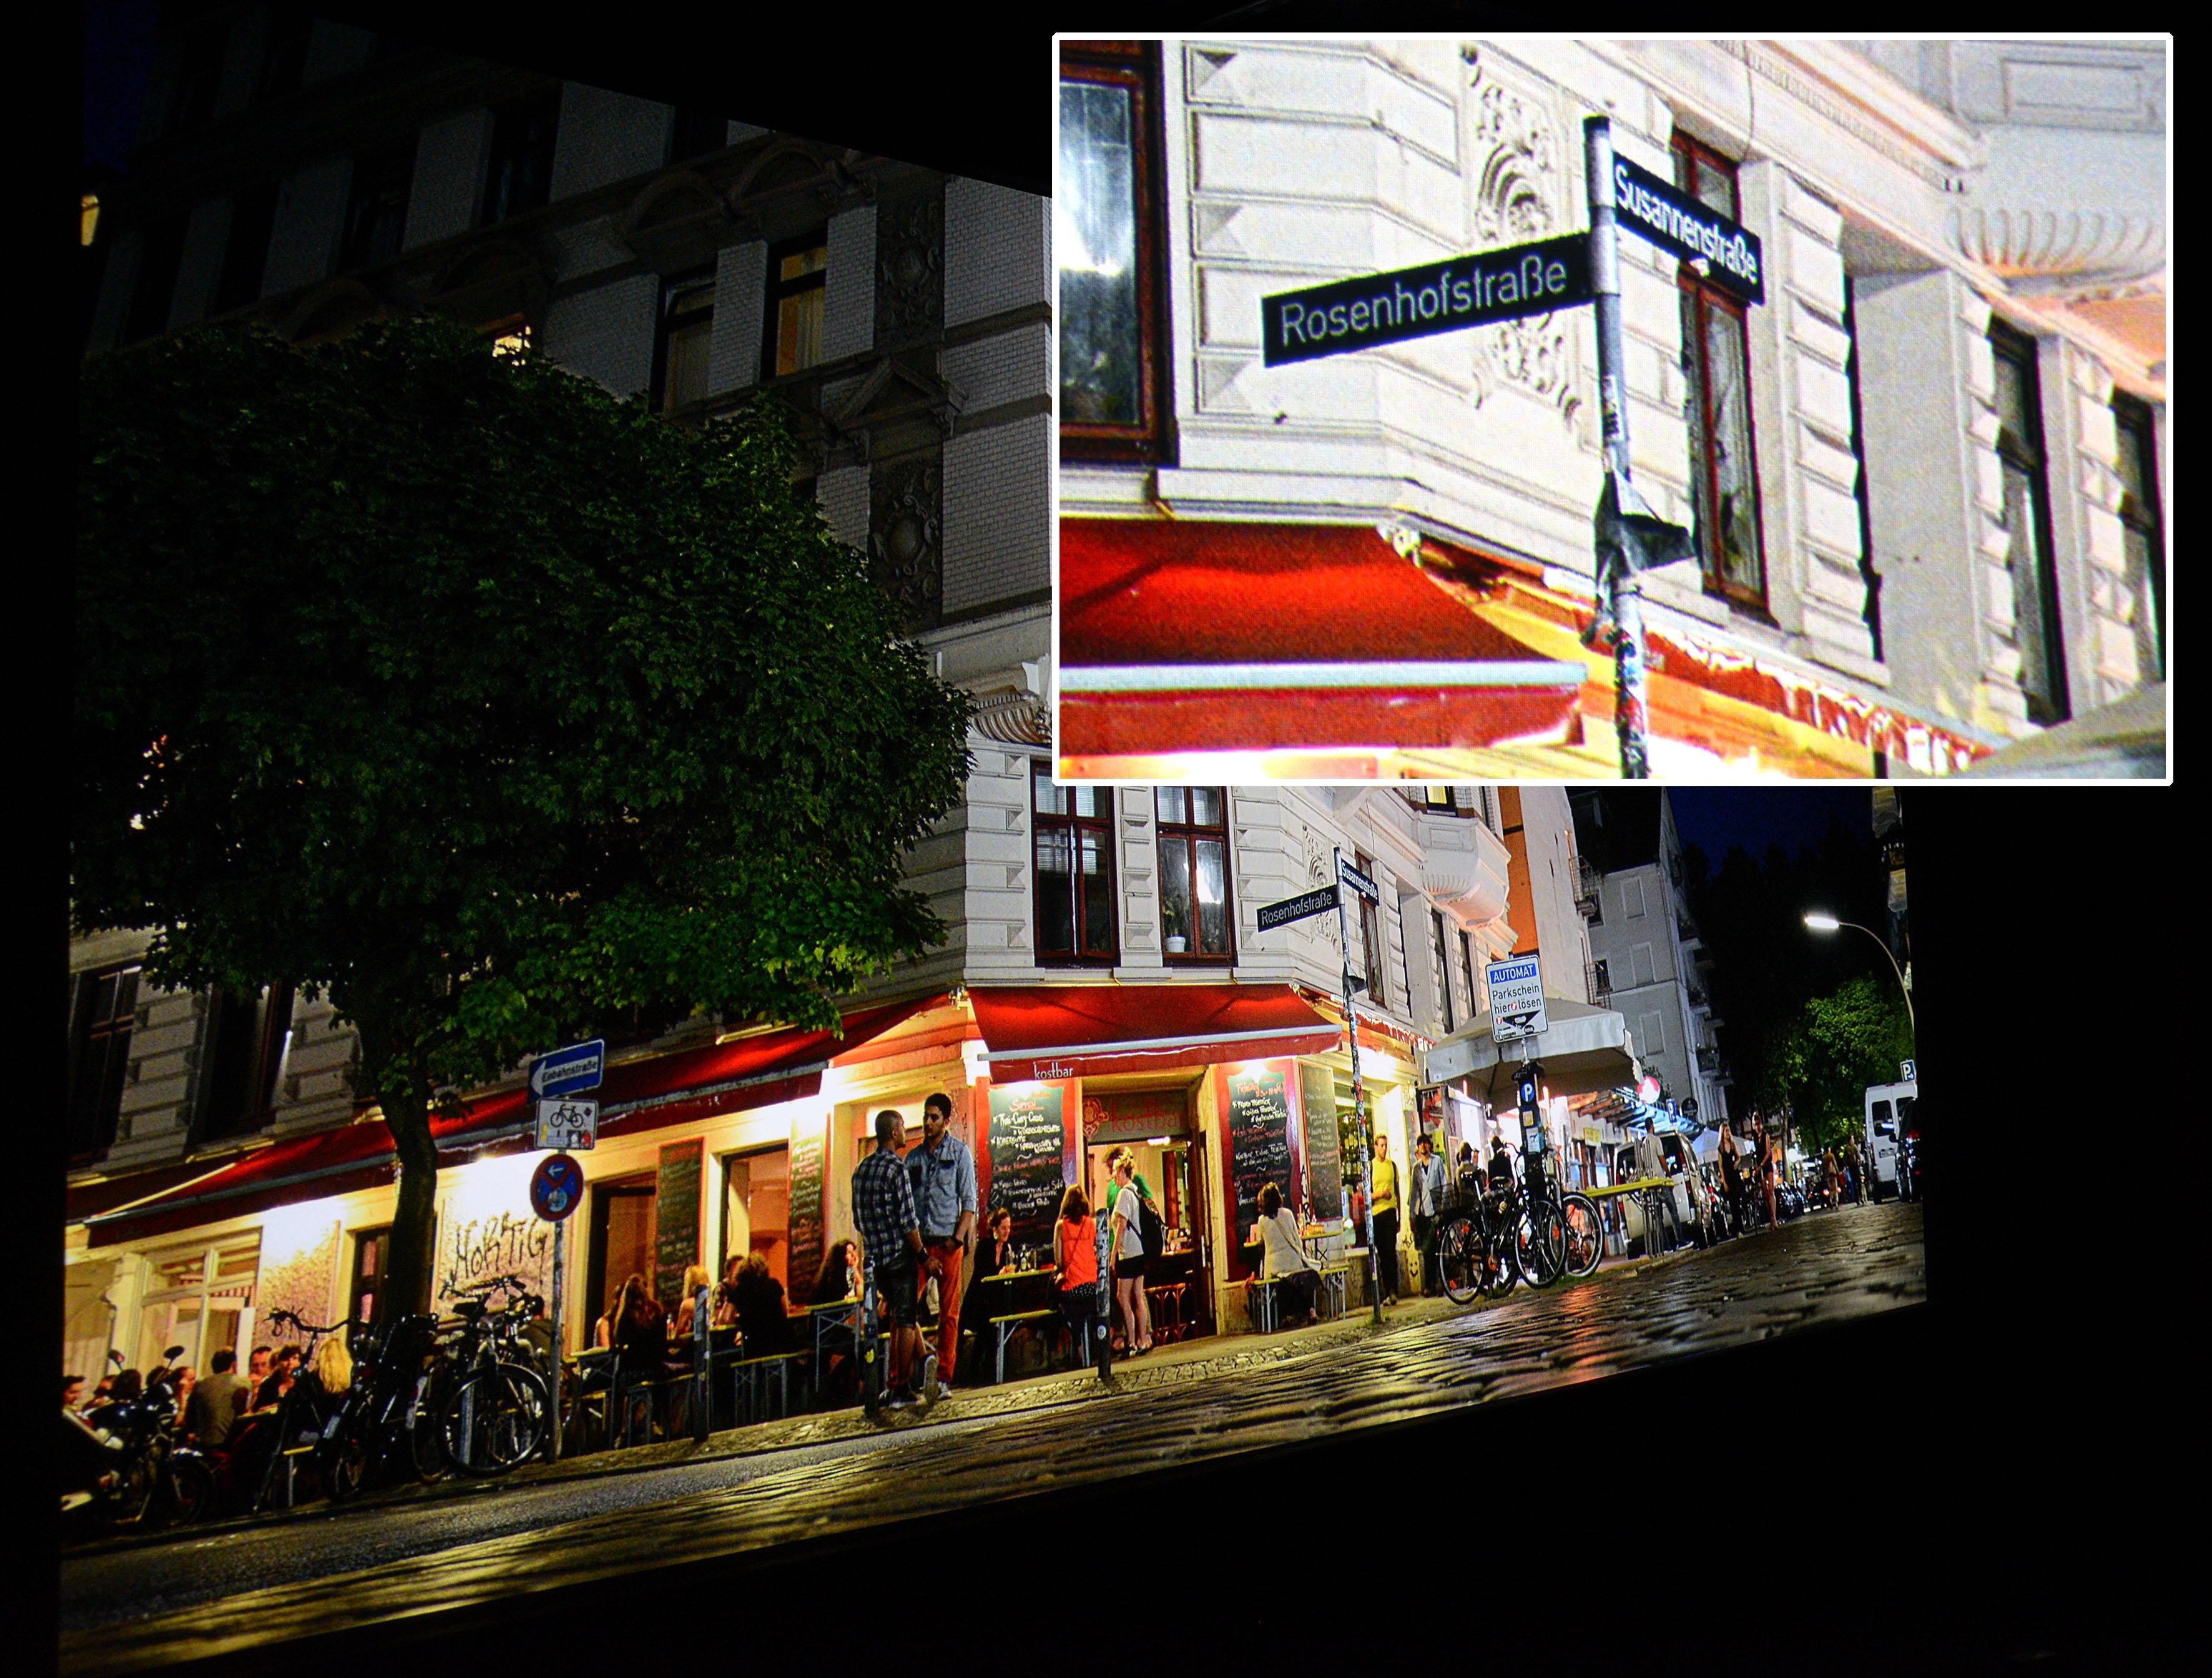 Foto: Michael B. Rehders Die Nachtaufnahme aus dem Schanzenviertel in Hamburg beeindruckt mit abgrundtiefem Schwarz und hellsten Spitzlichtern, die unfassbar viel Zeichnung besitzen. Sogar einzelne Sterne sind am Himmel zu sehen, die von anderen Projektoren noch unterschlagen werden. Selbst die Straßenschilder sind perfekt lesbar, wie auf dem Ausschnitt zu sehen ist.